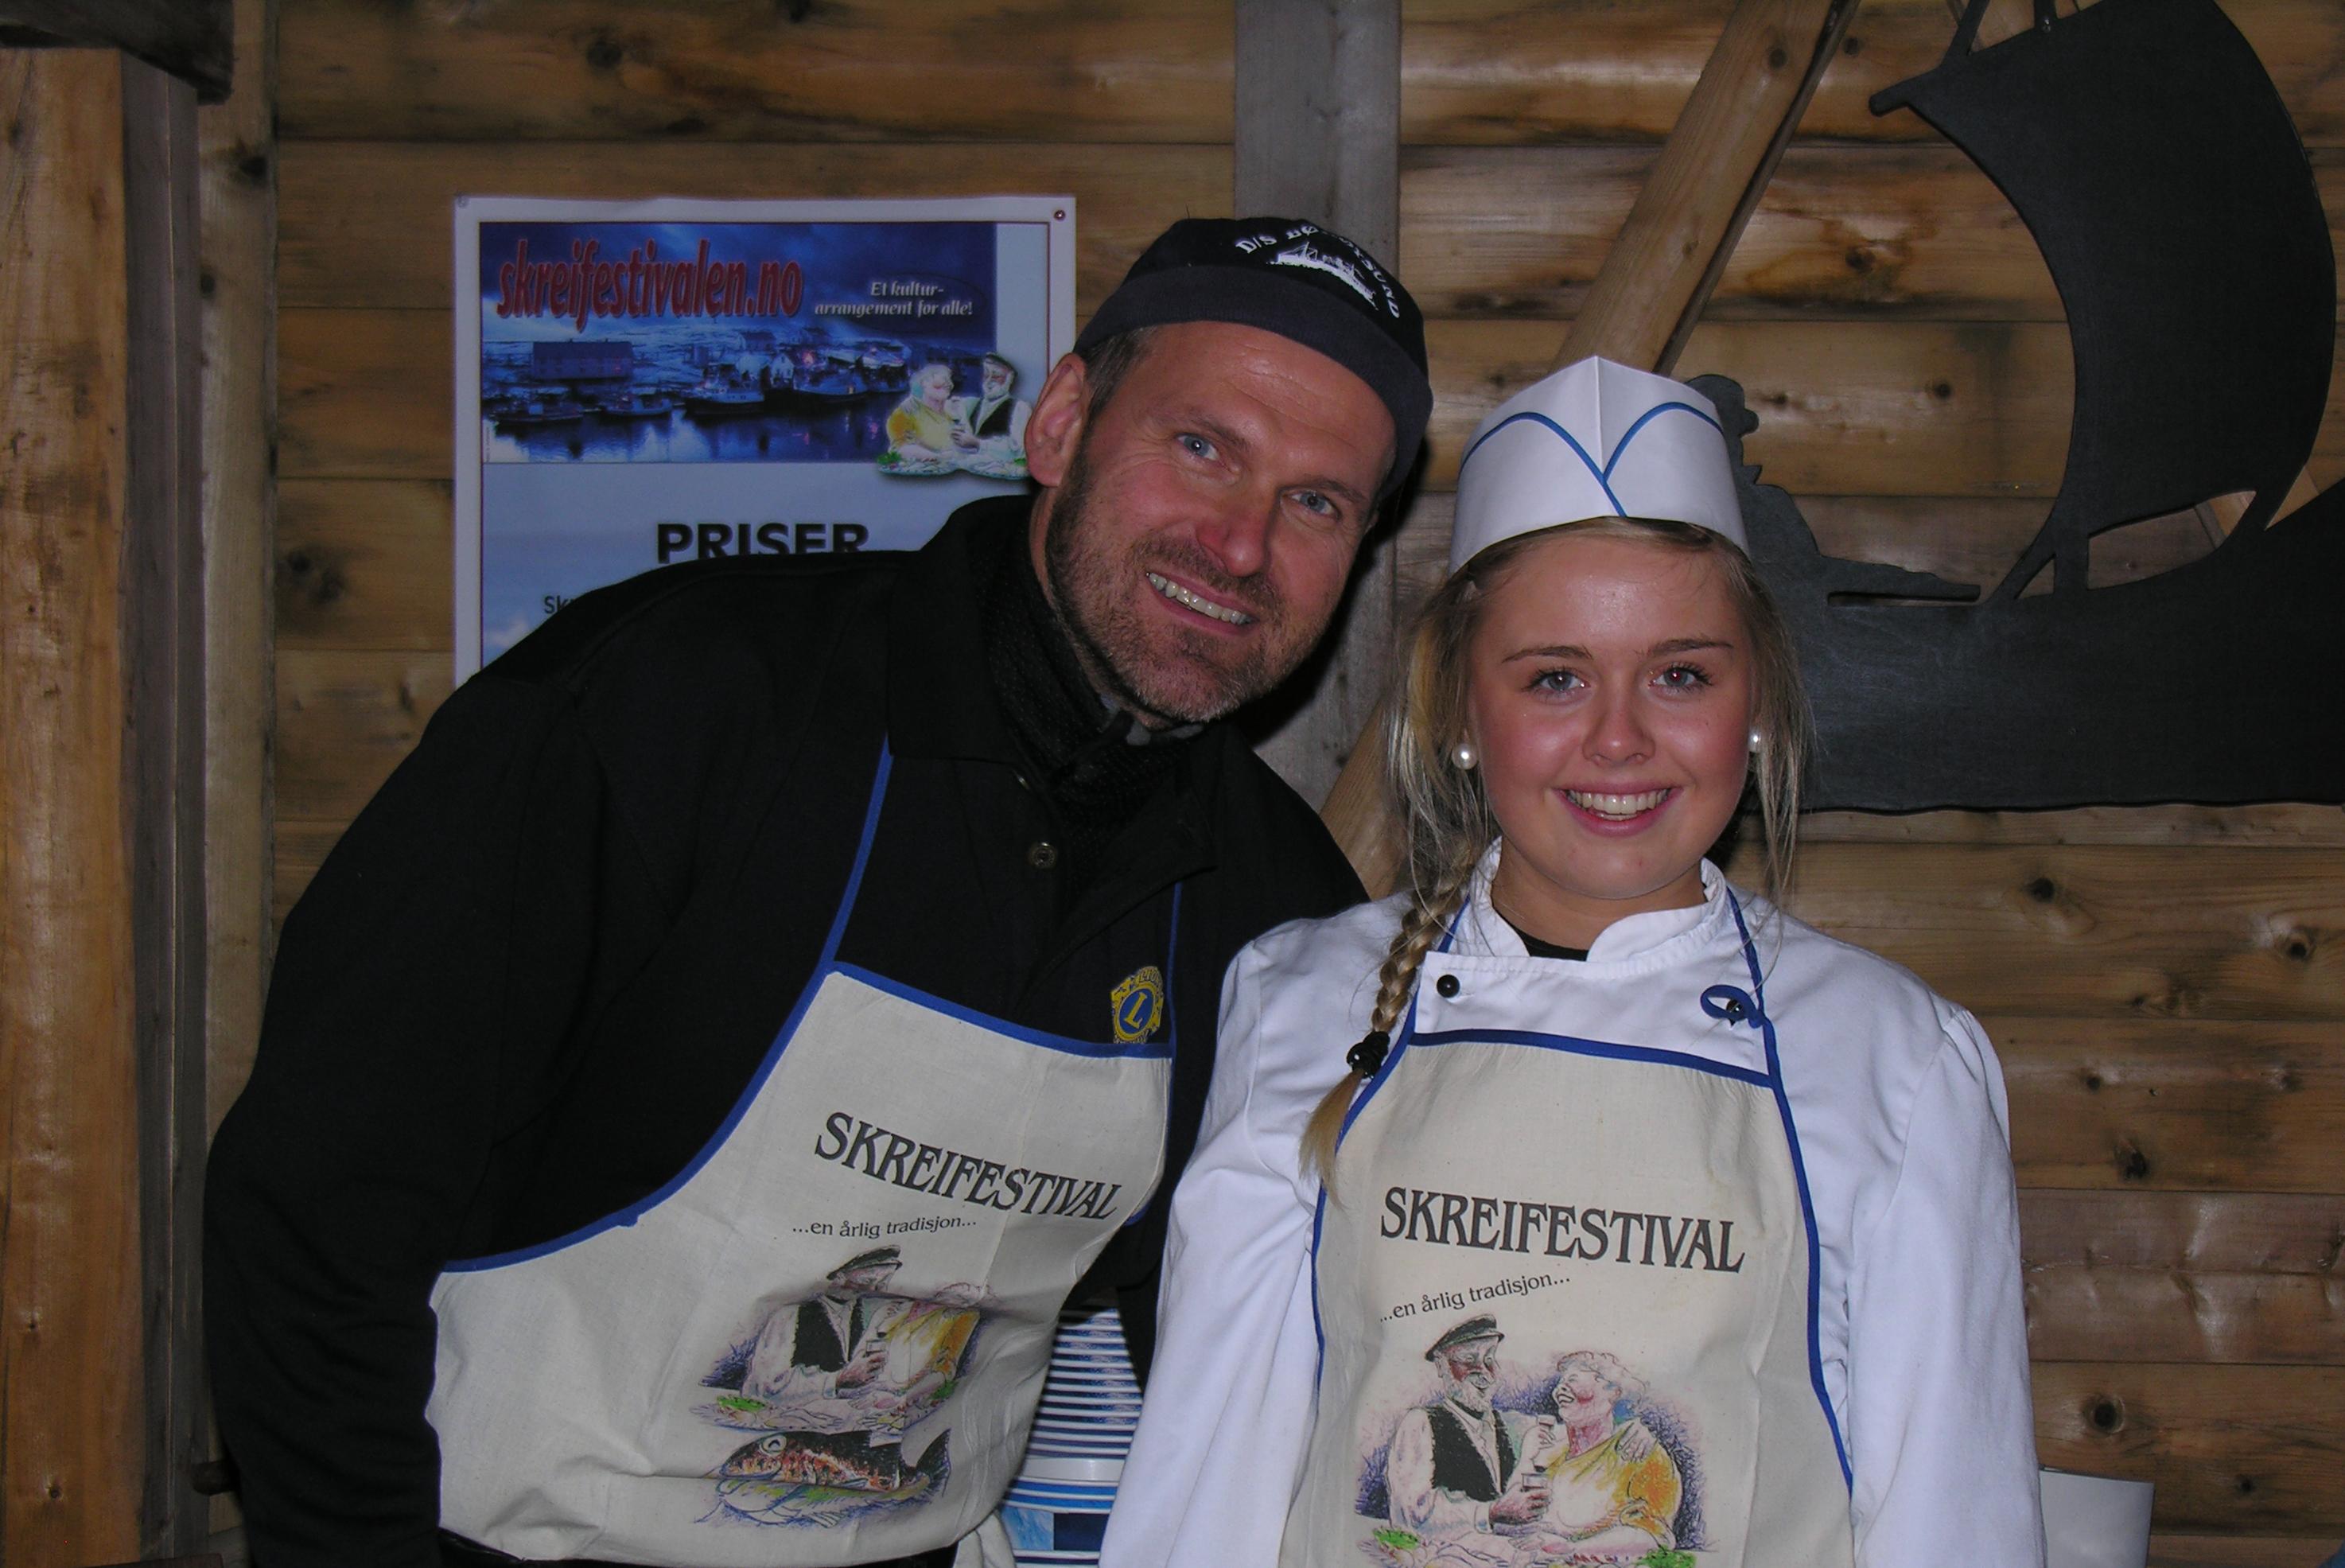 Skreifestivalen; mat og kulturfestival